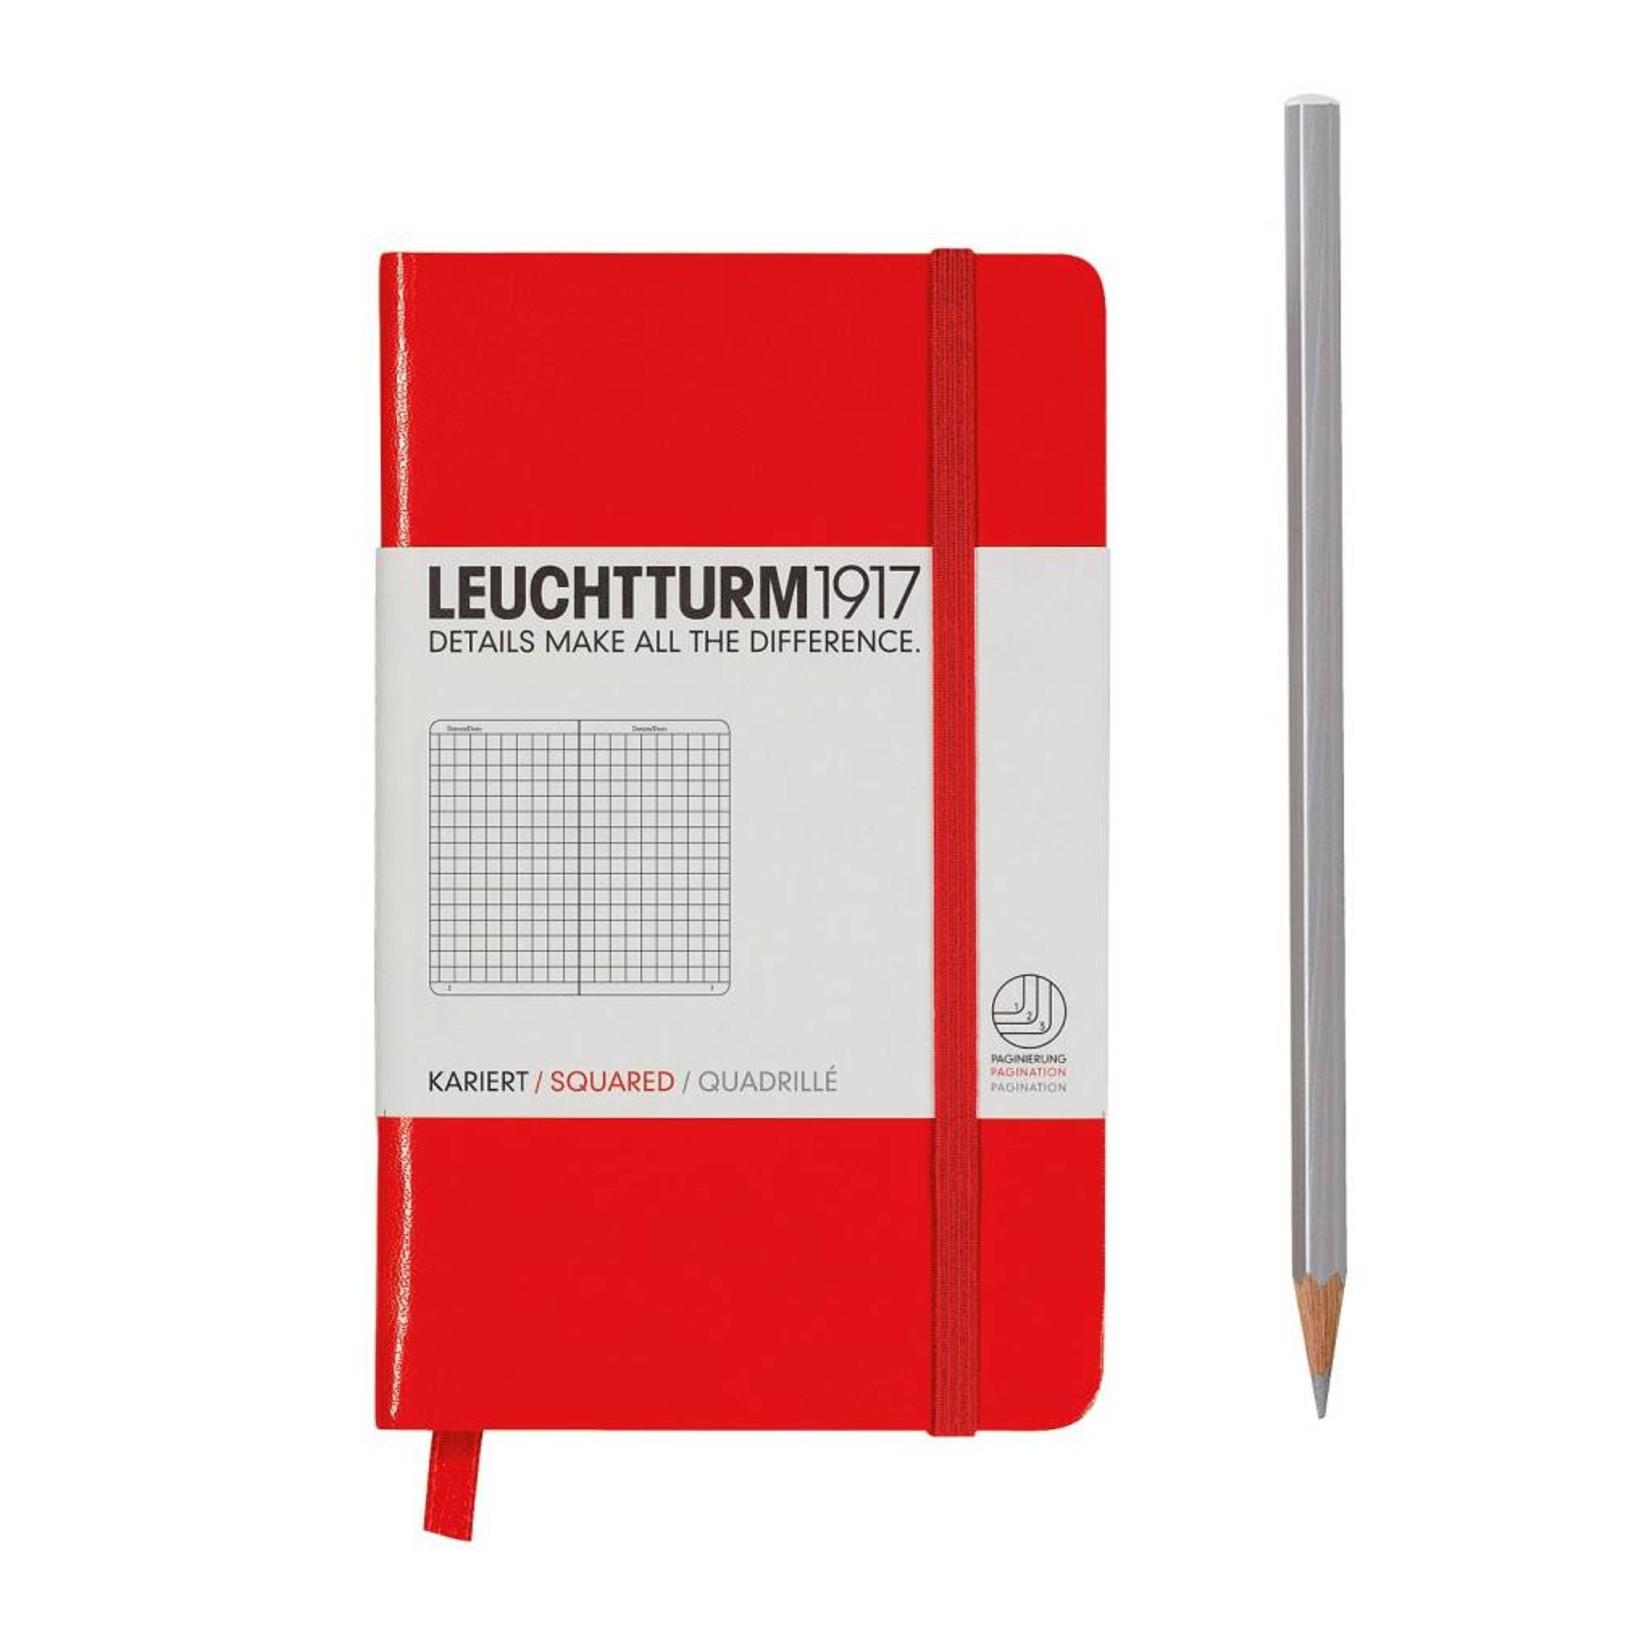 Leuchtturm1917 Leuchtturm1917 Notizbuch, Pocket, Rot, Kariert